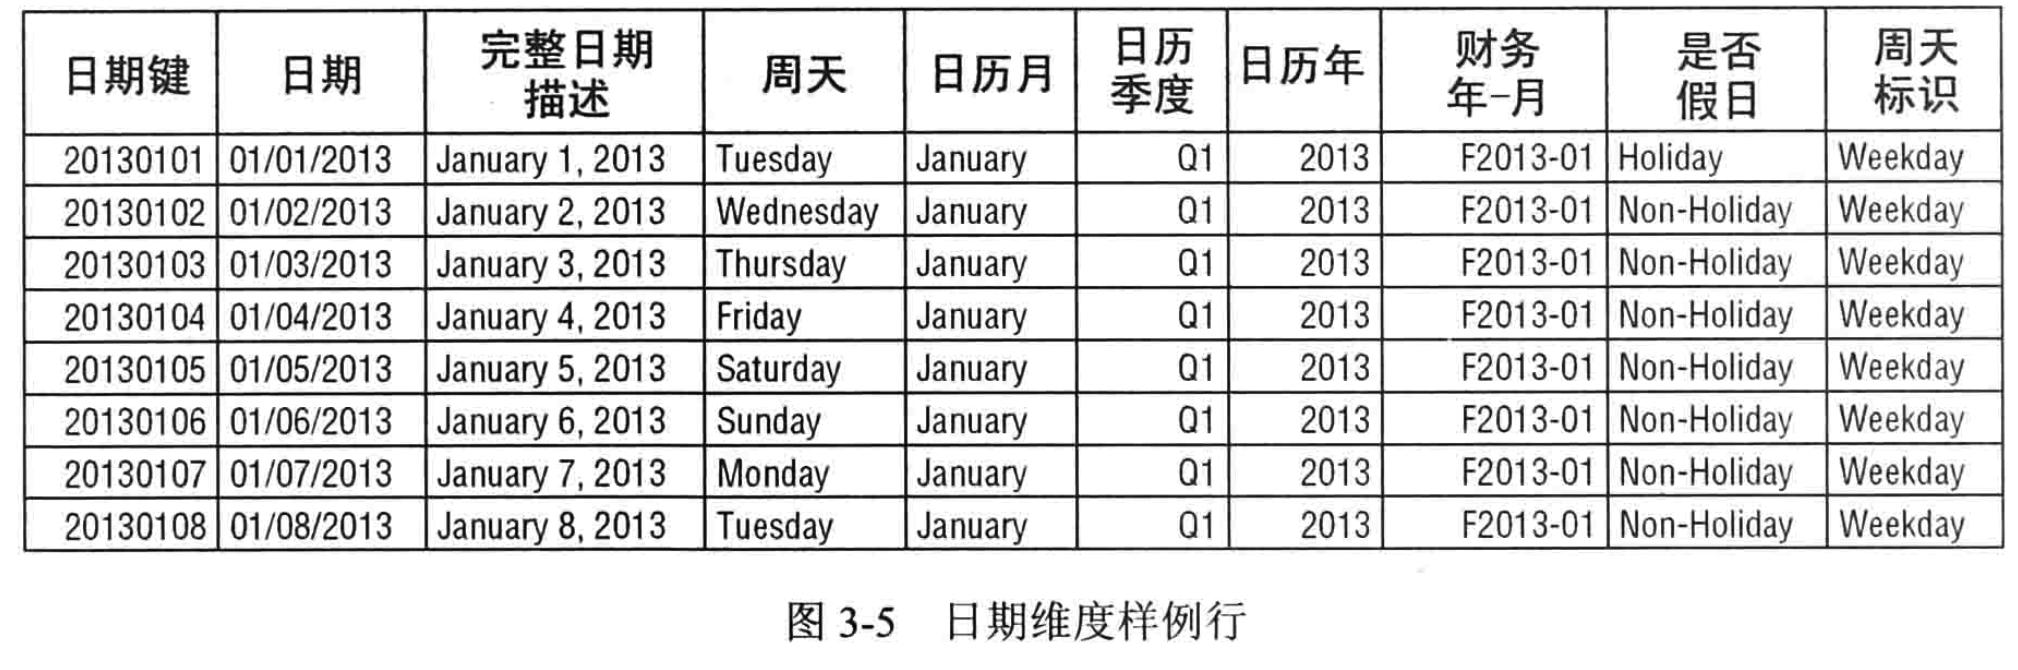 日期维度表